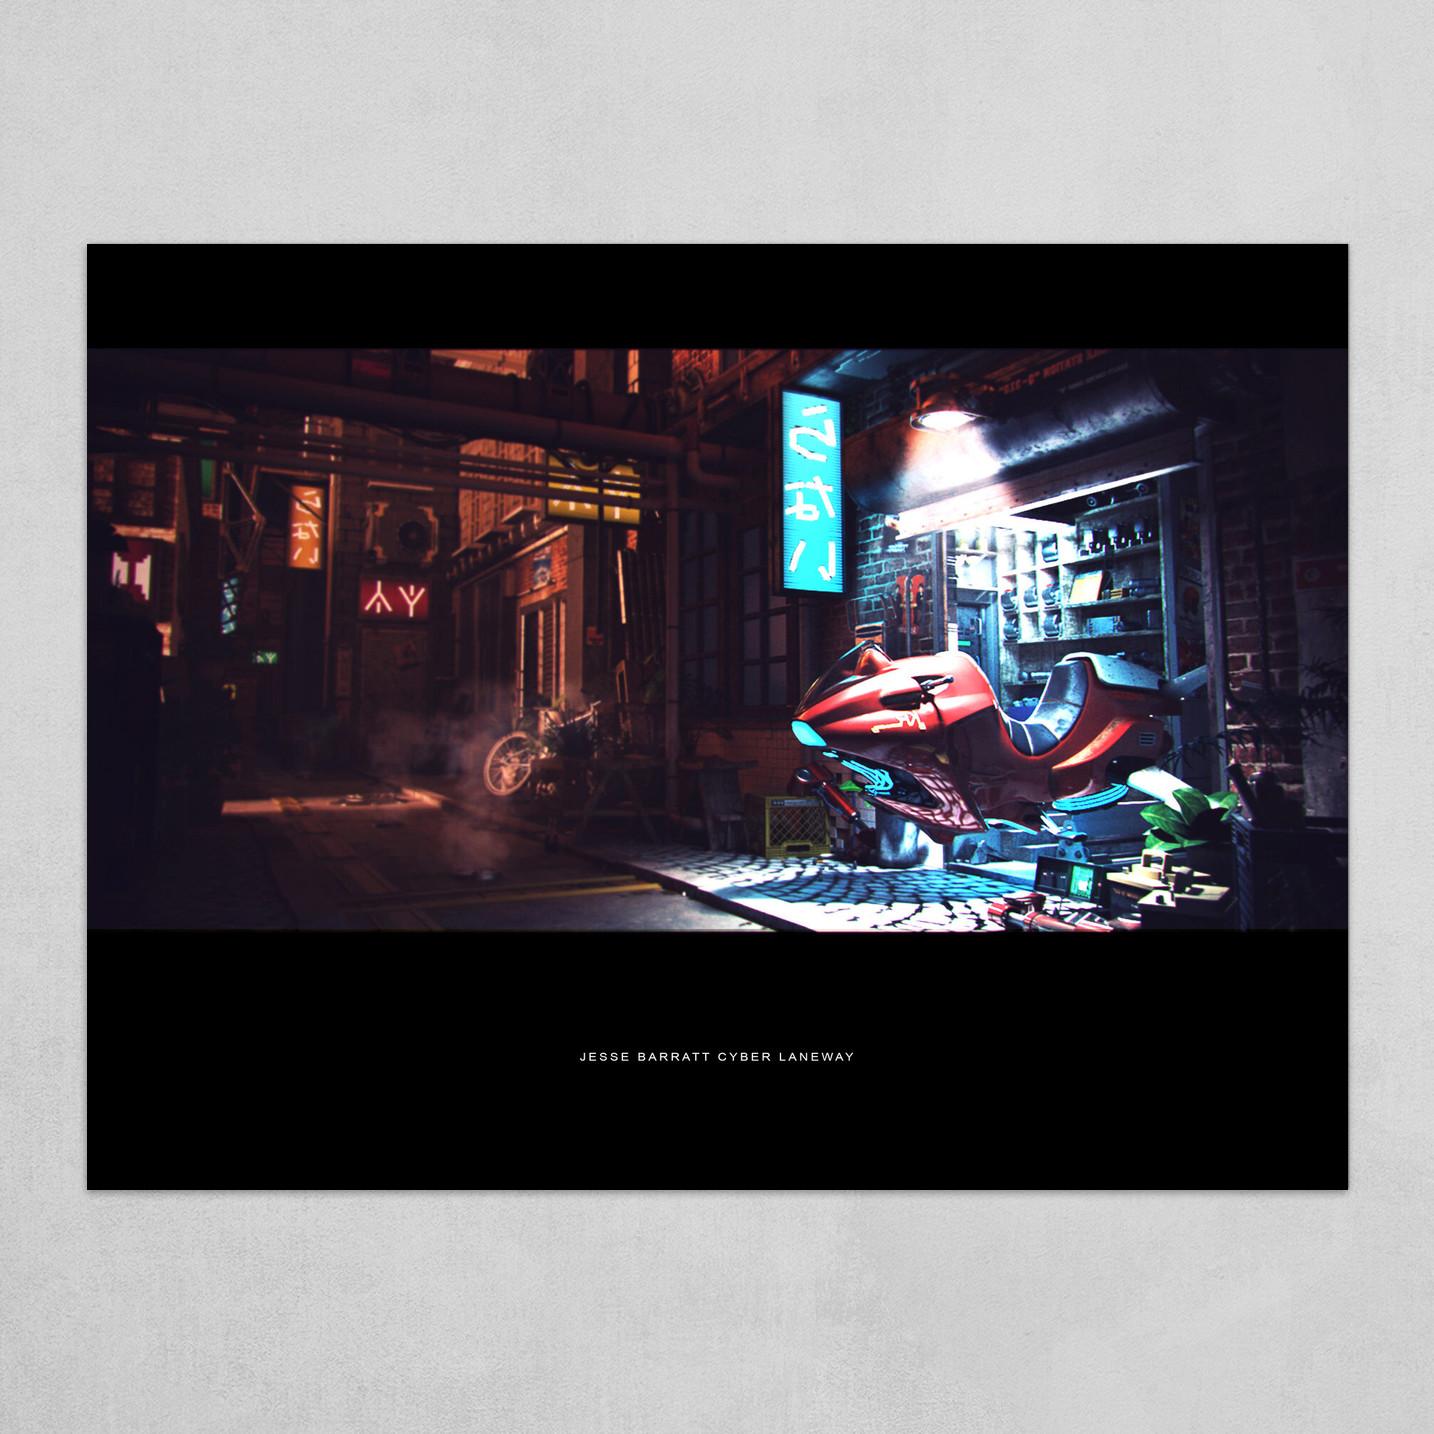 Cyber Laneway Filmic Print